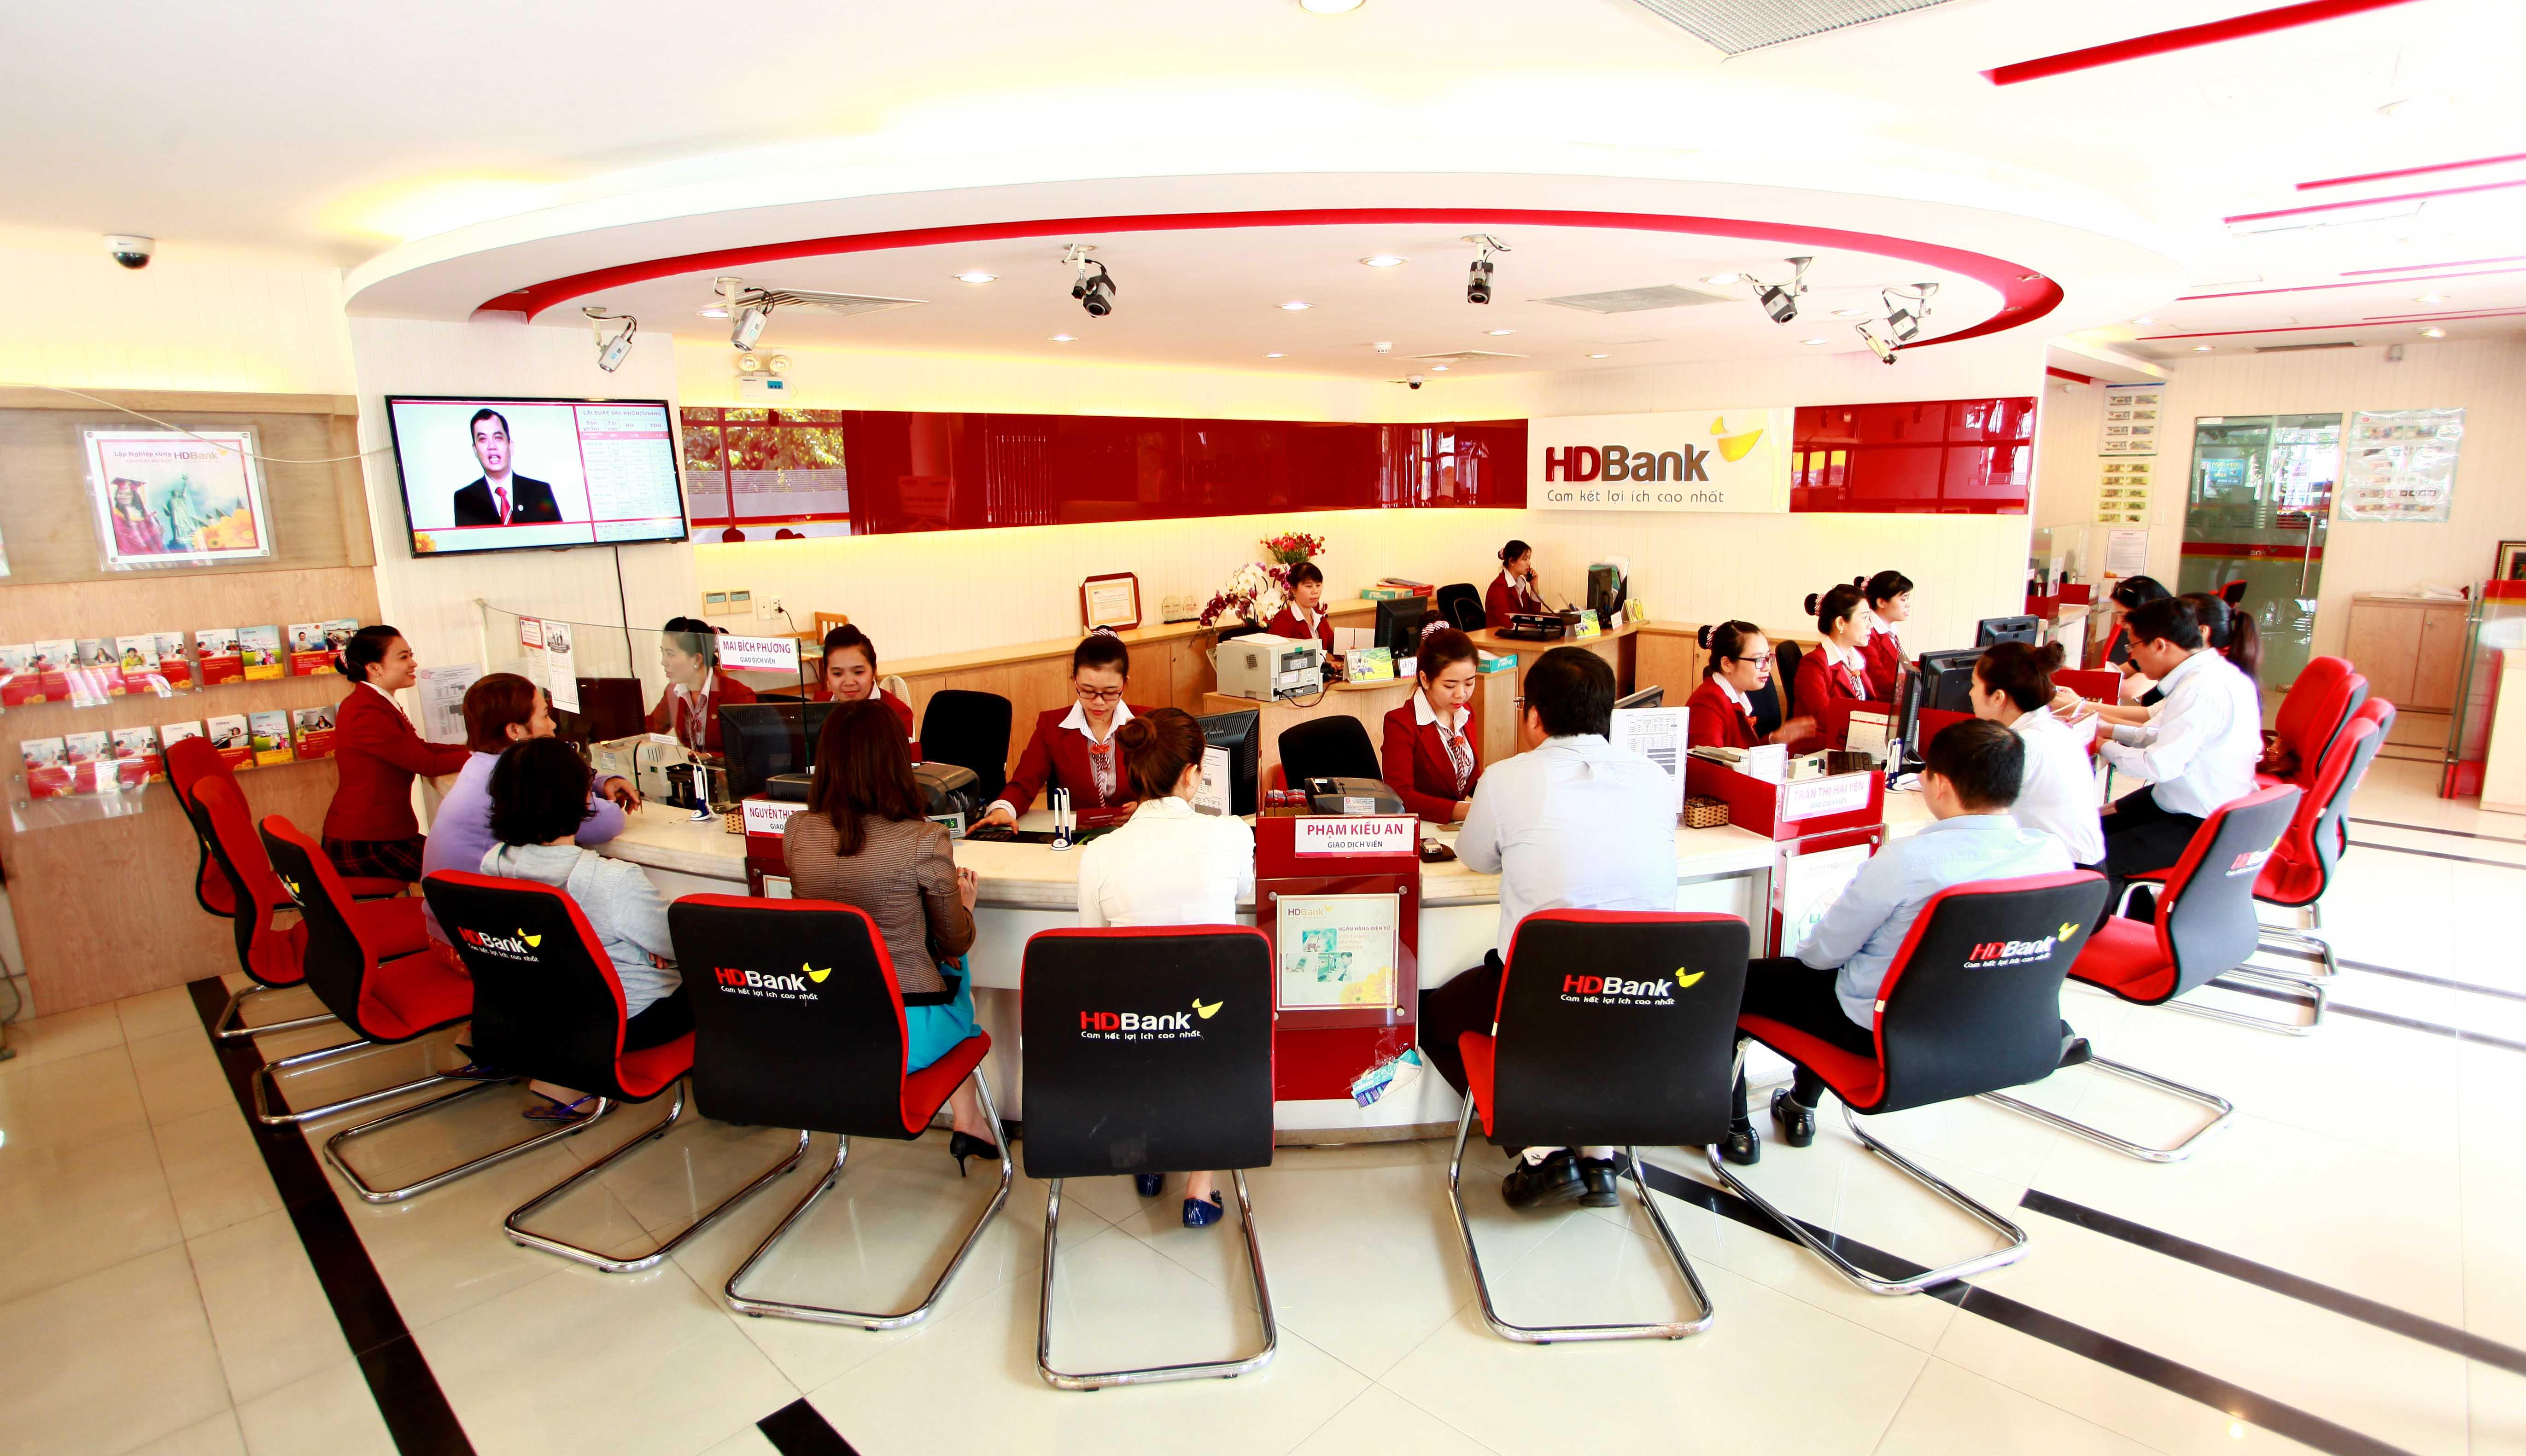 HDBank dành 10.000 tỷ đồng vốn vay cho khách hàng cá nhân, doanh nghiệp siêu nhỏ